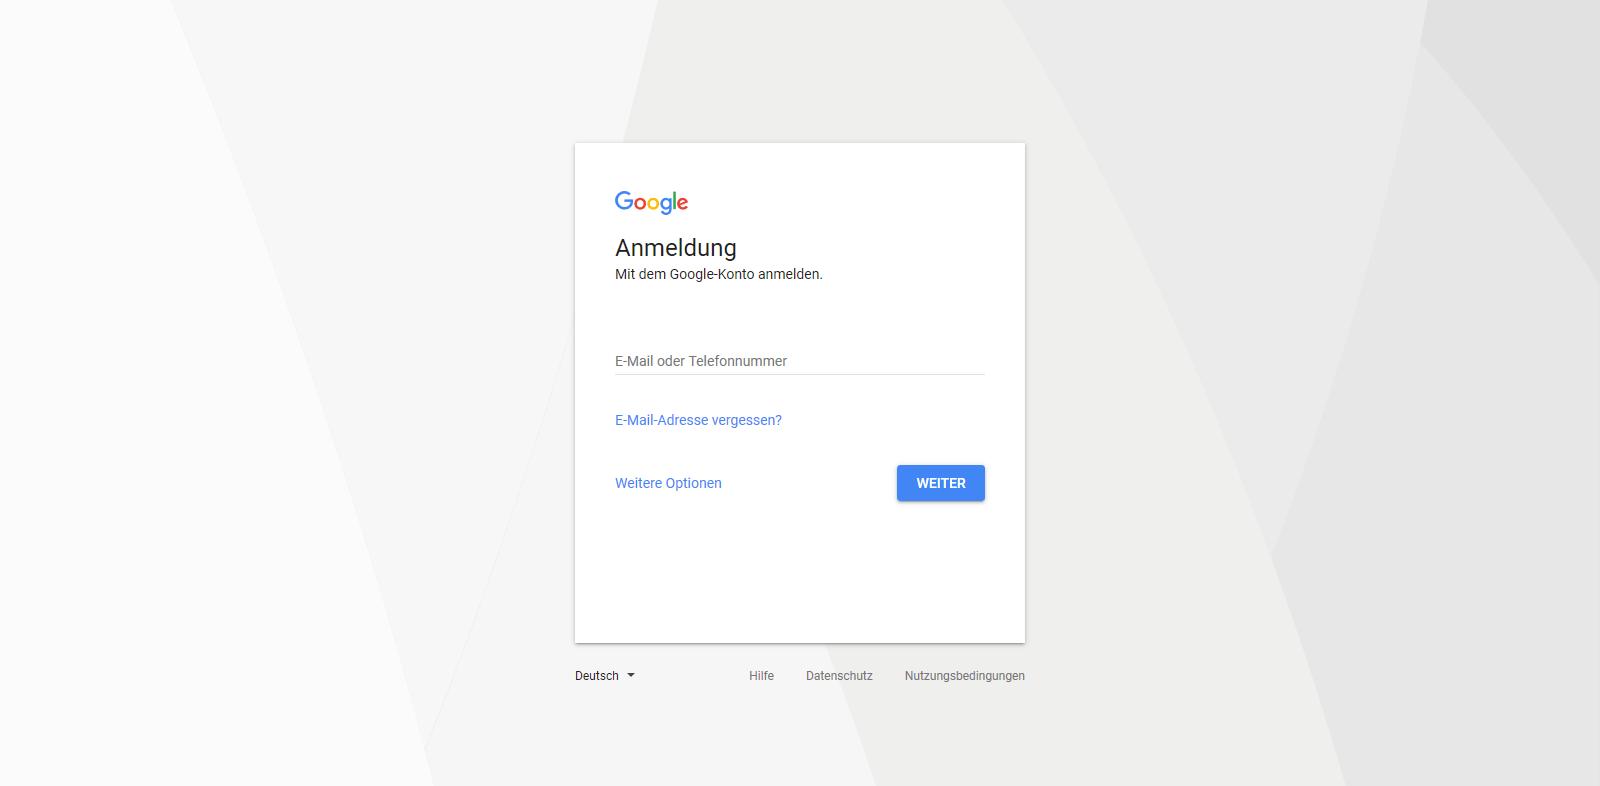 Ein screenshot der Google Anmeldeoberfläche